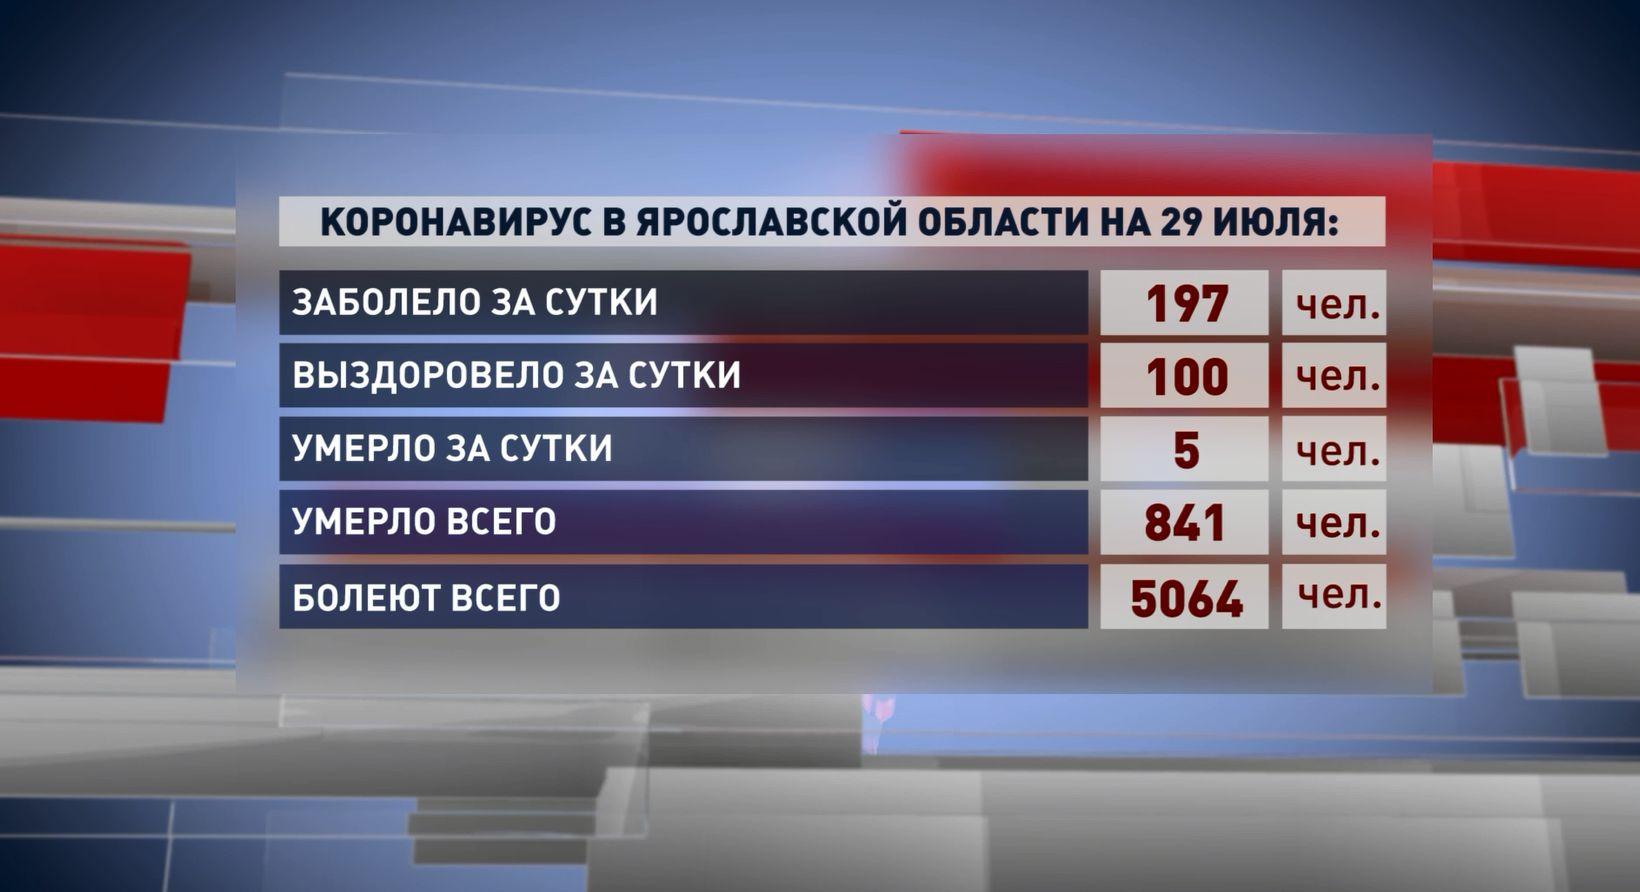 В Ярославской области количество больных коронавирусом стало более 5 тысяч человек